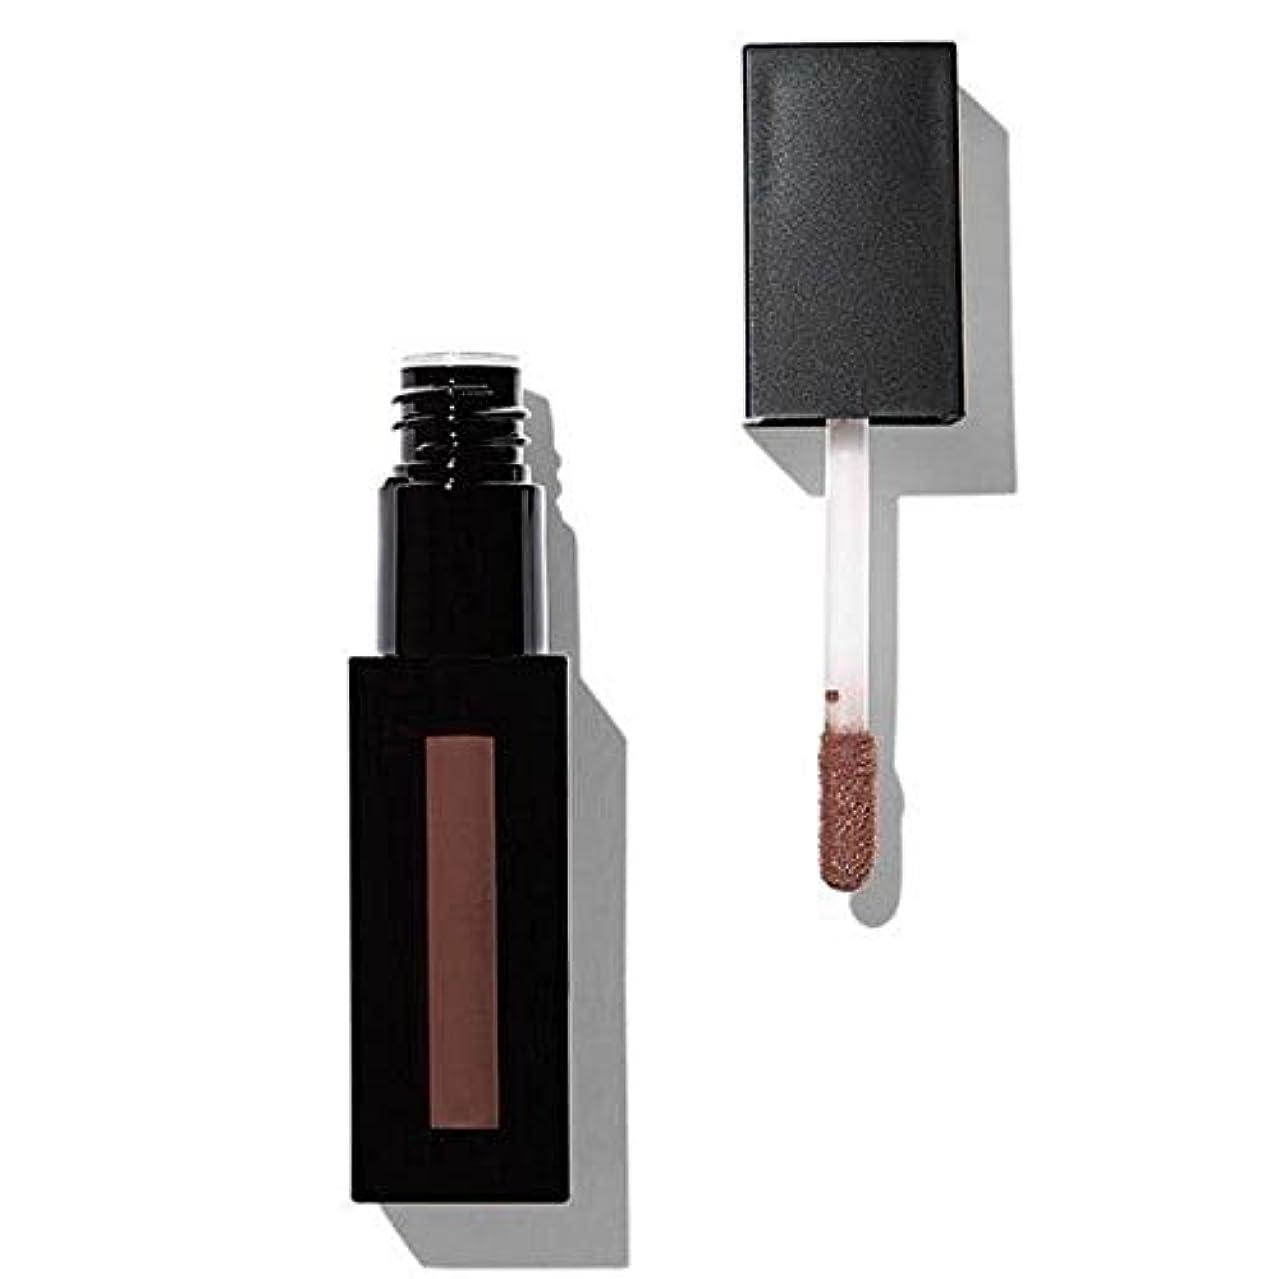 成功受け皿薄暗い[Revolution ] 革命プロ最高のマットリップ顔料ふり - Revolution Pro Supreme Matte Lip Pigment Pretence [並行輸入品]